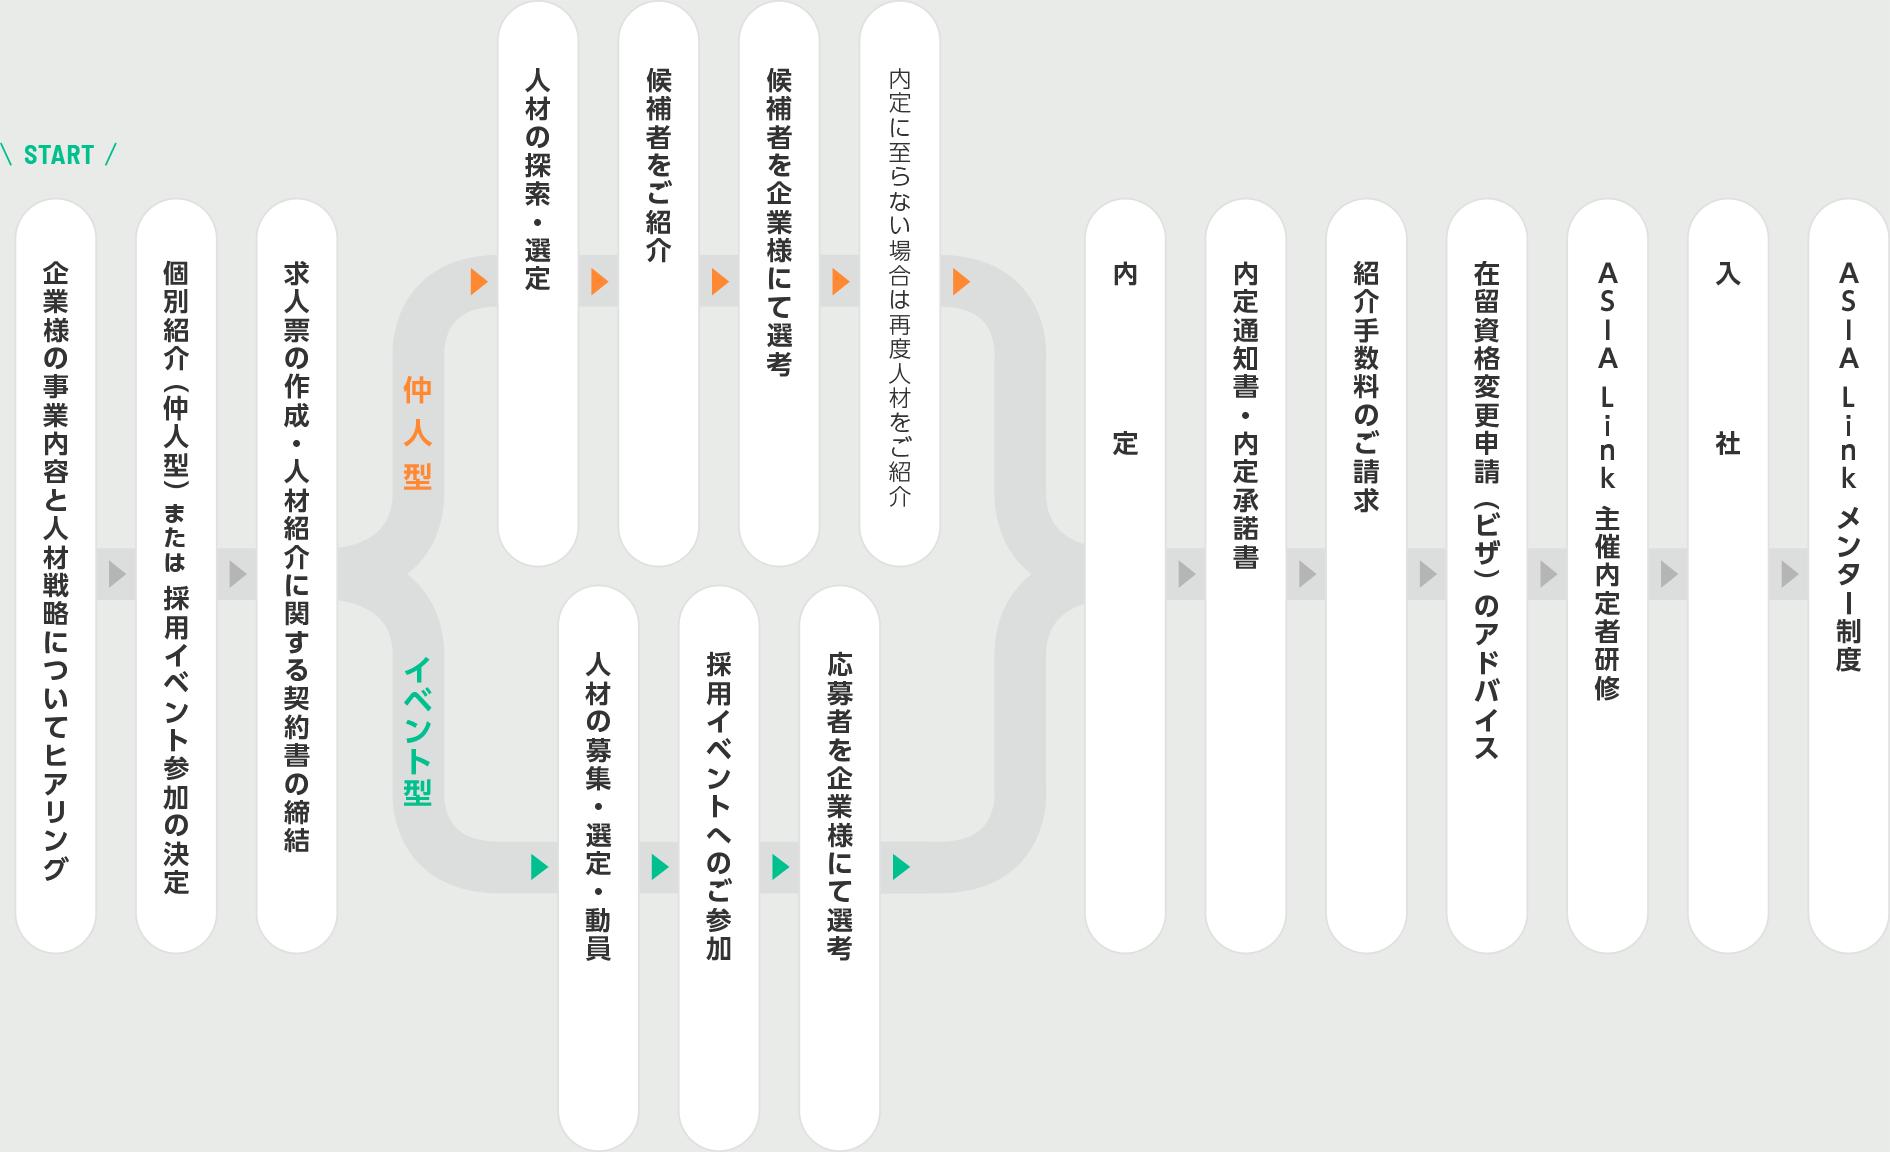 紹介~採用までの流れ